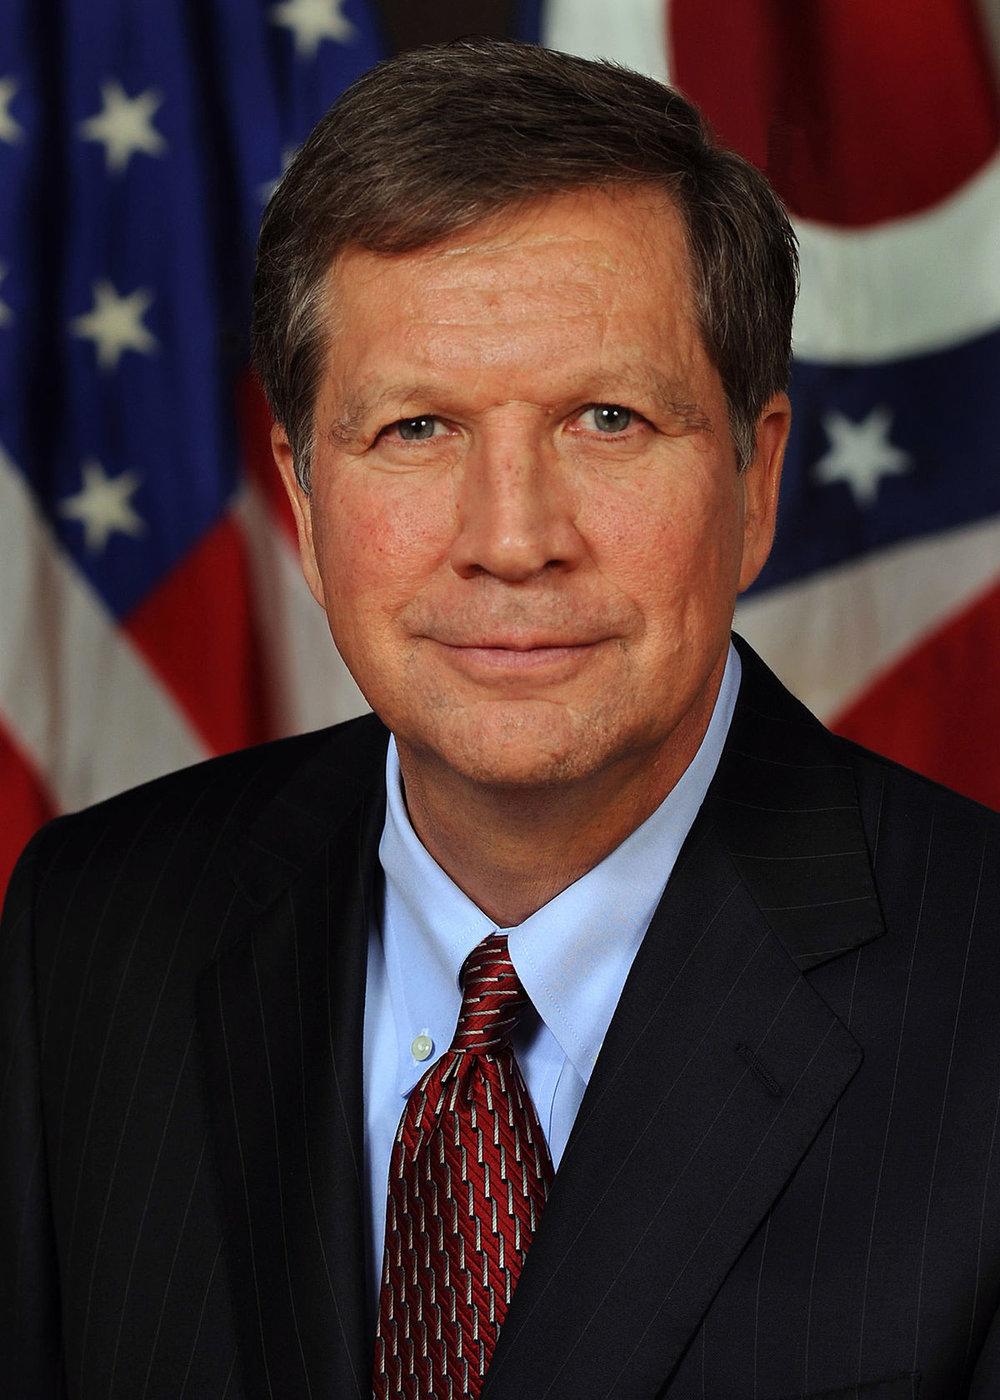 Governor_John_Kasich.jpg